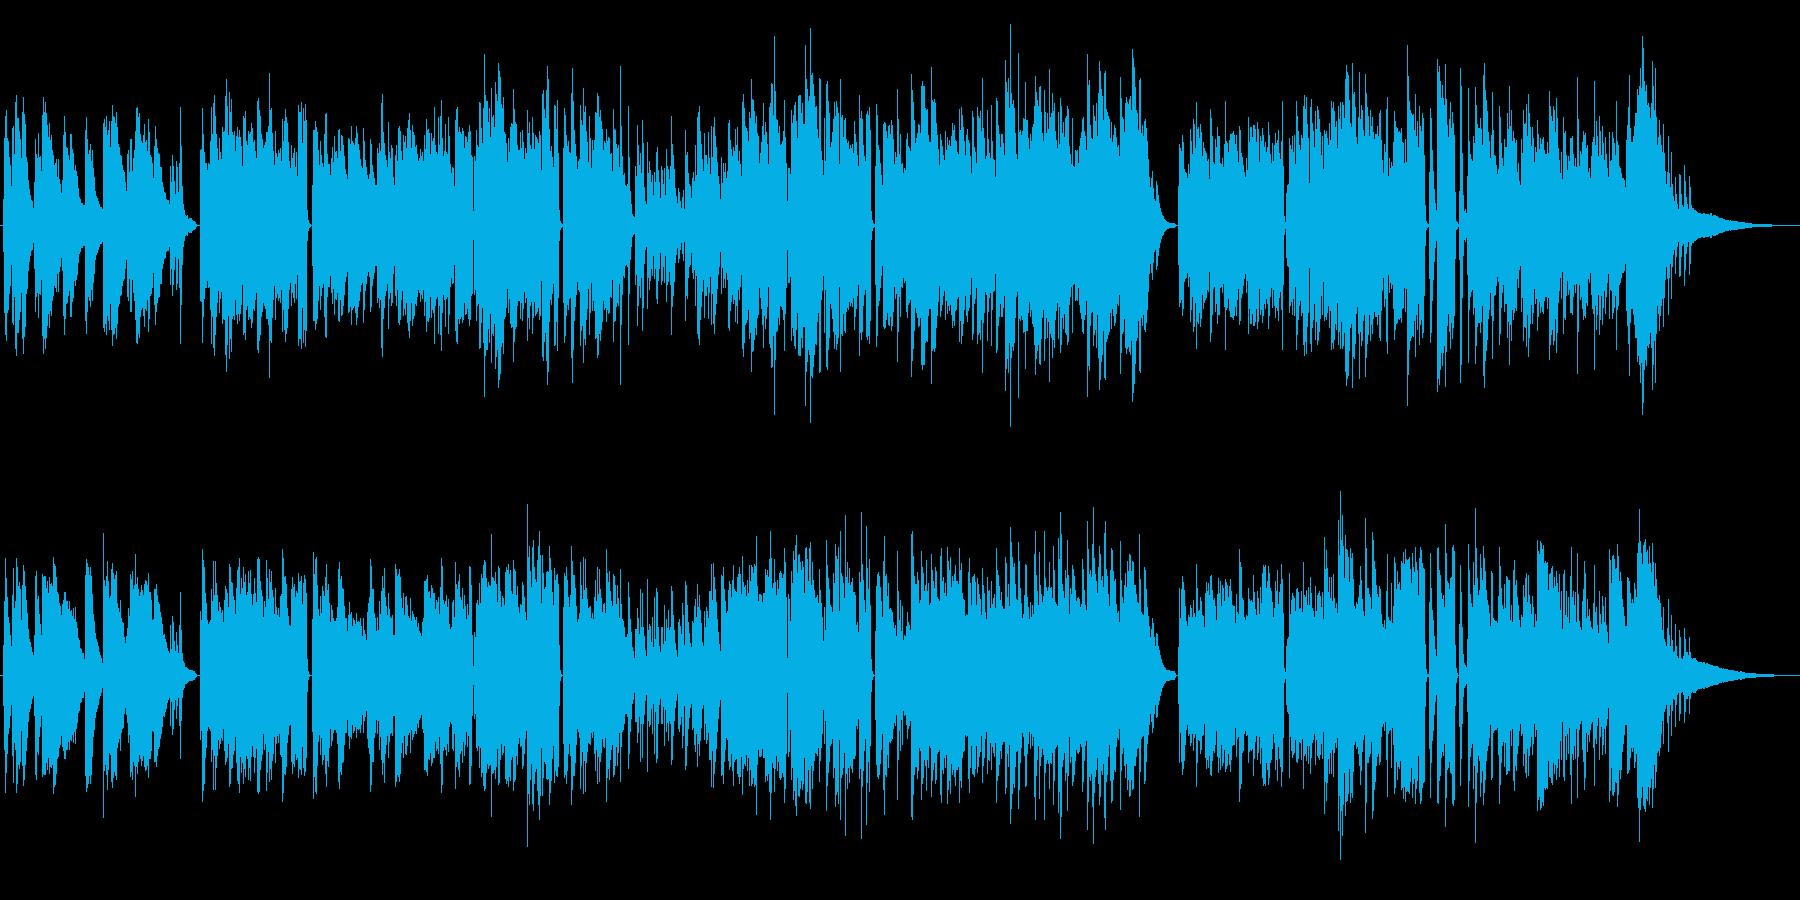 有名な曲のカバーアレンジの再生済みの波形